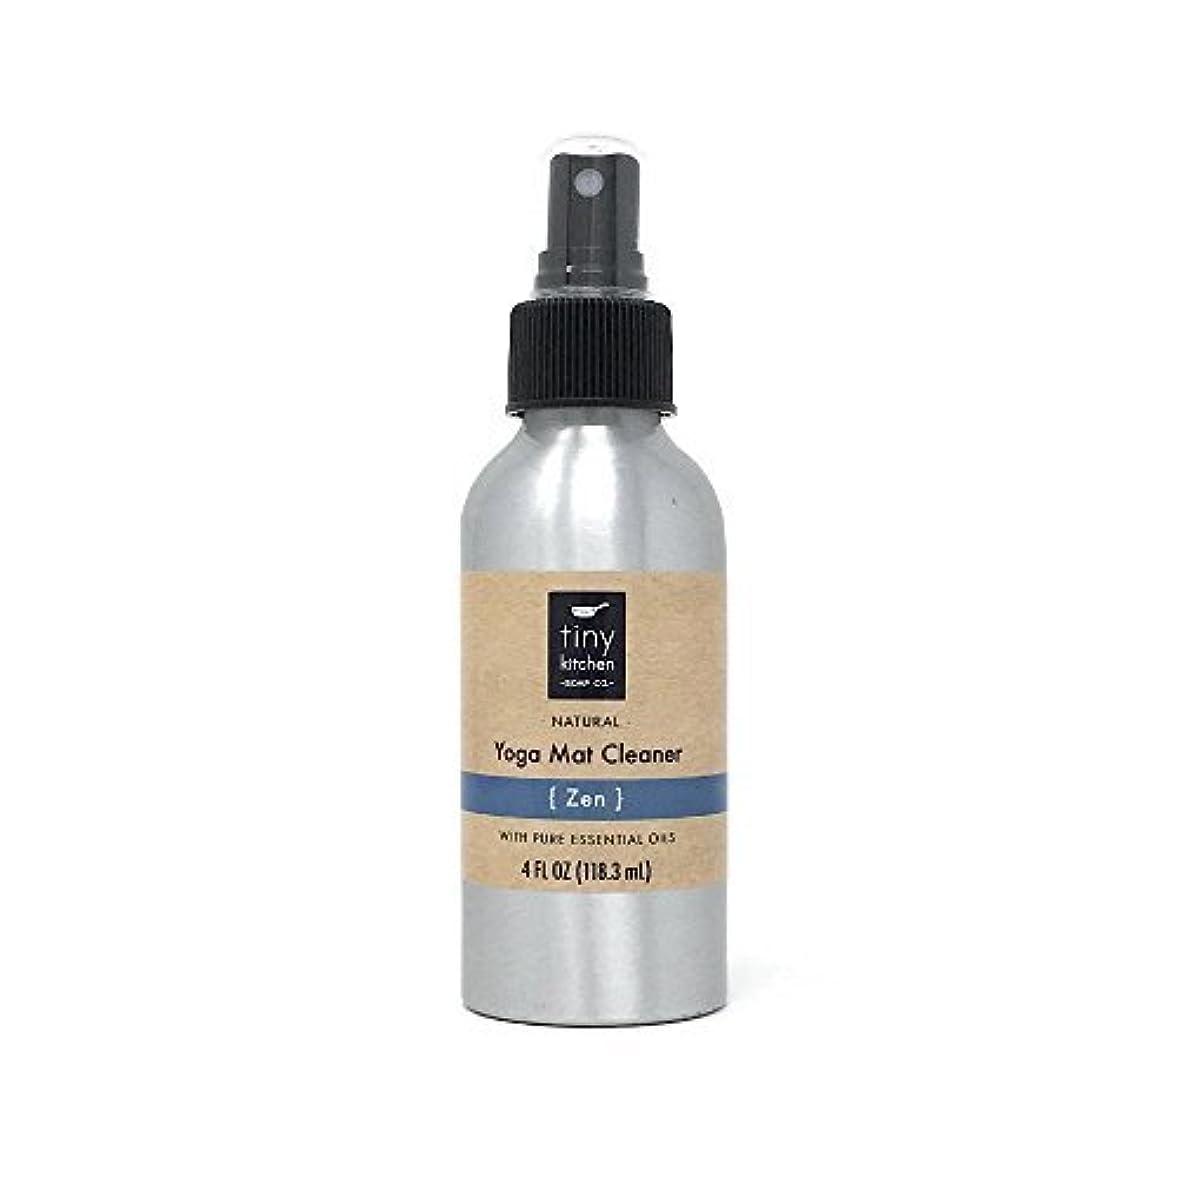 リーチ男性通知Natural Yoga Mat Cleaner - Zen - Handmade with Aromatherapy Essential Oil Blend (4 oz) [並行輸入品]